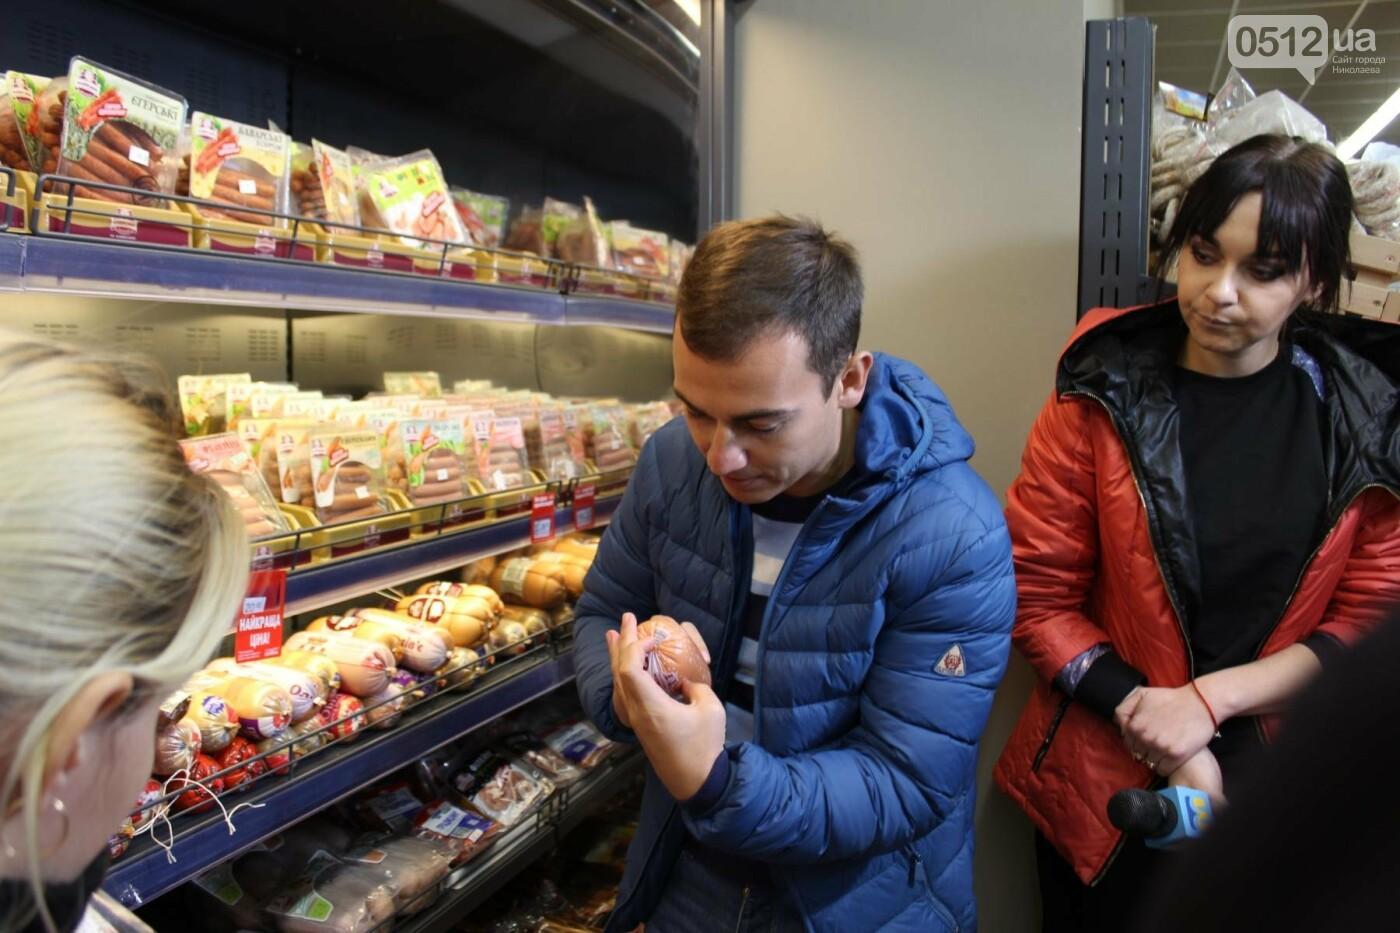 Проверка в супермаркетах: как николаевцам подсовывают испорченный товар (ФОТОРЕПОРТАЖ, ВИДЕО), фото-8